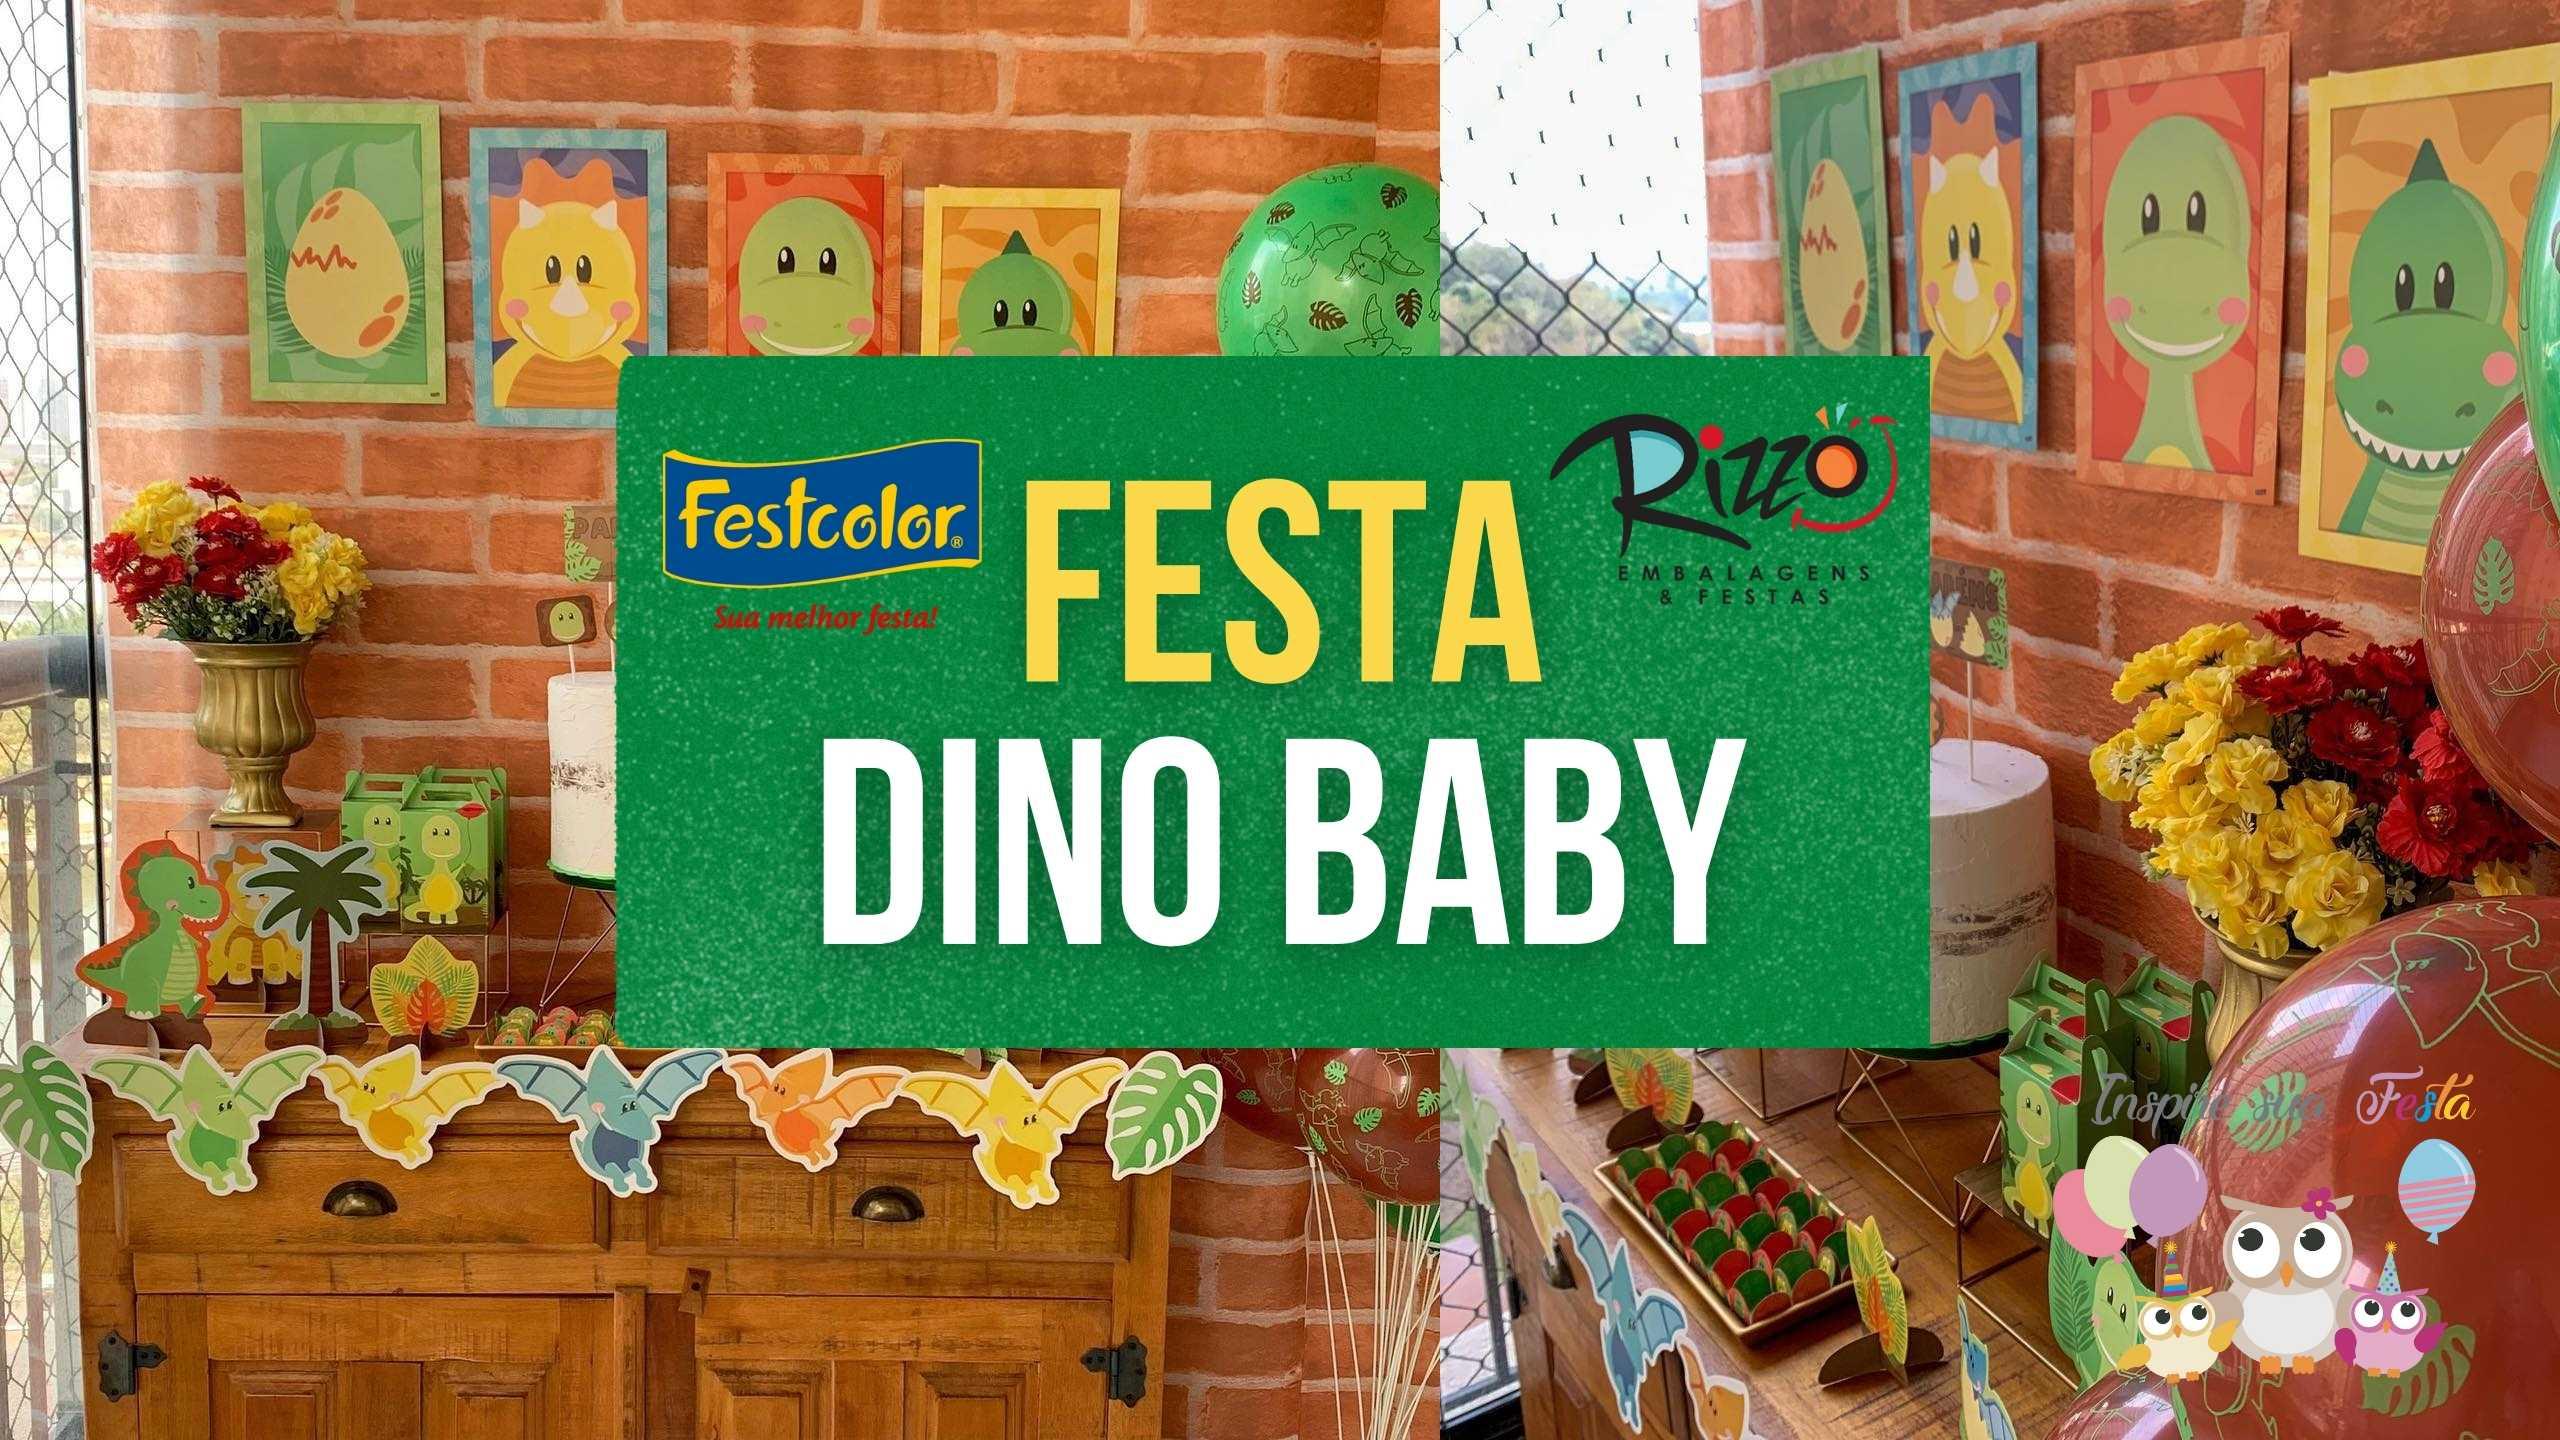 Festa no tema Dinossauro Baby por FestColor